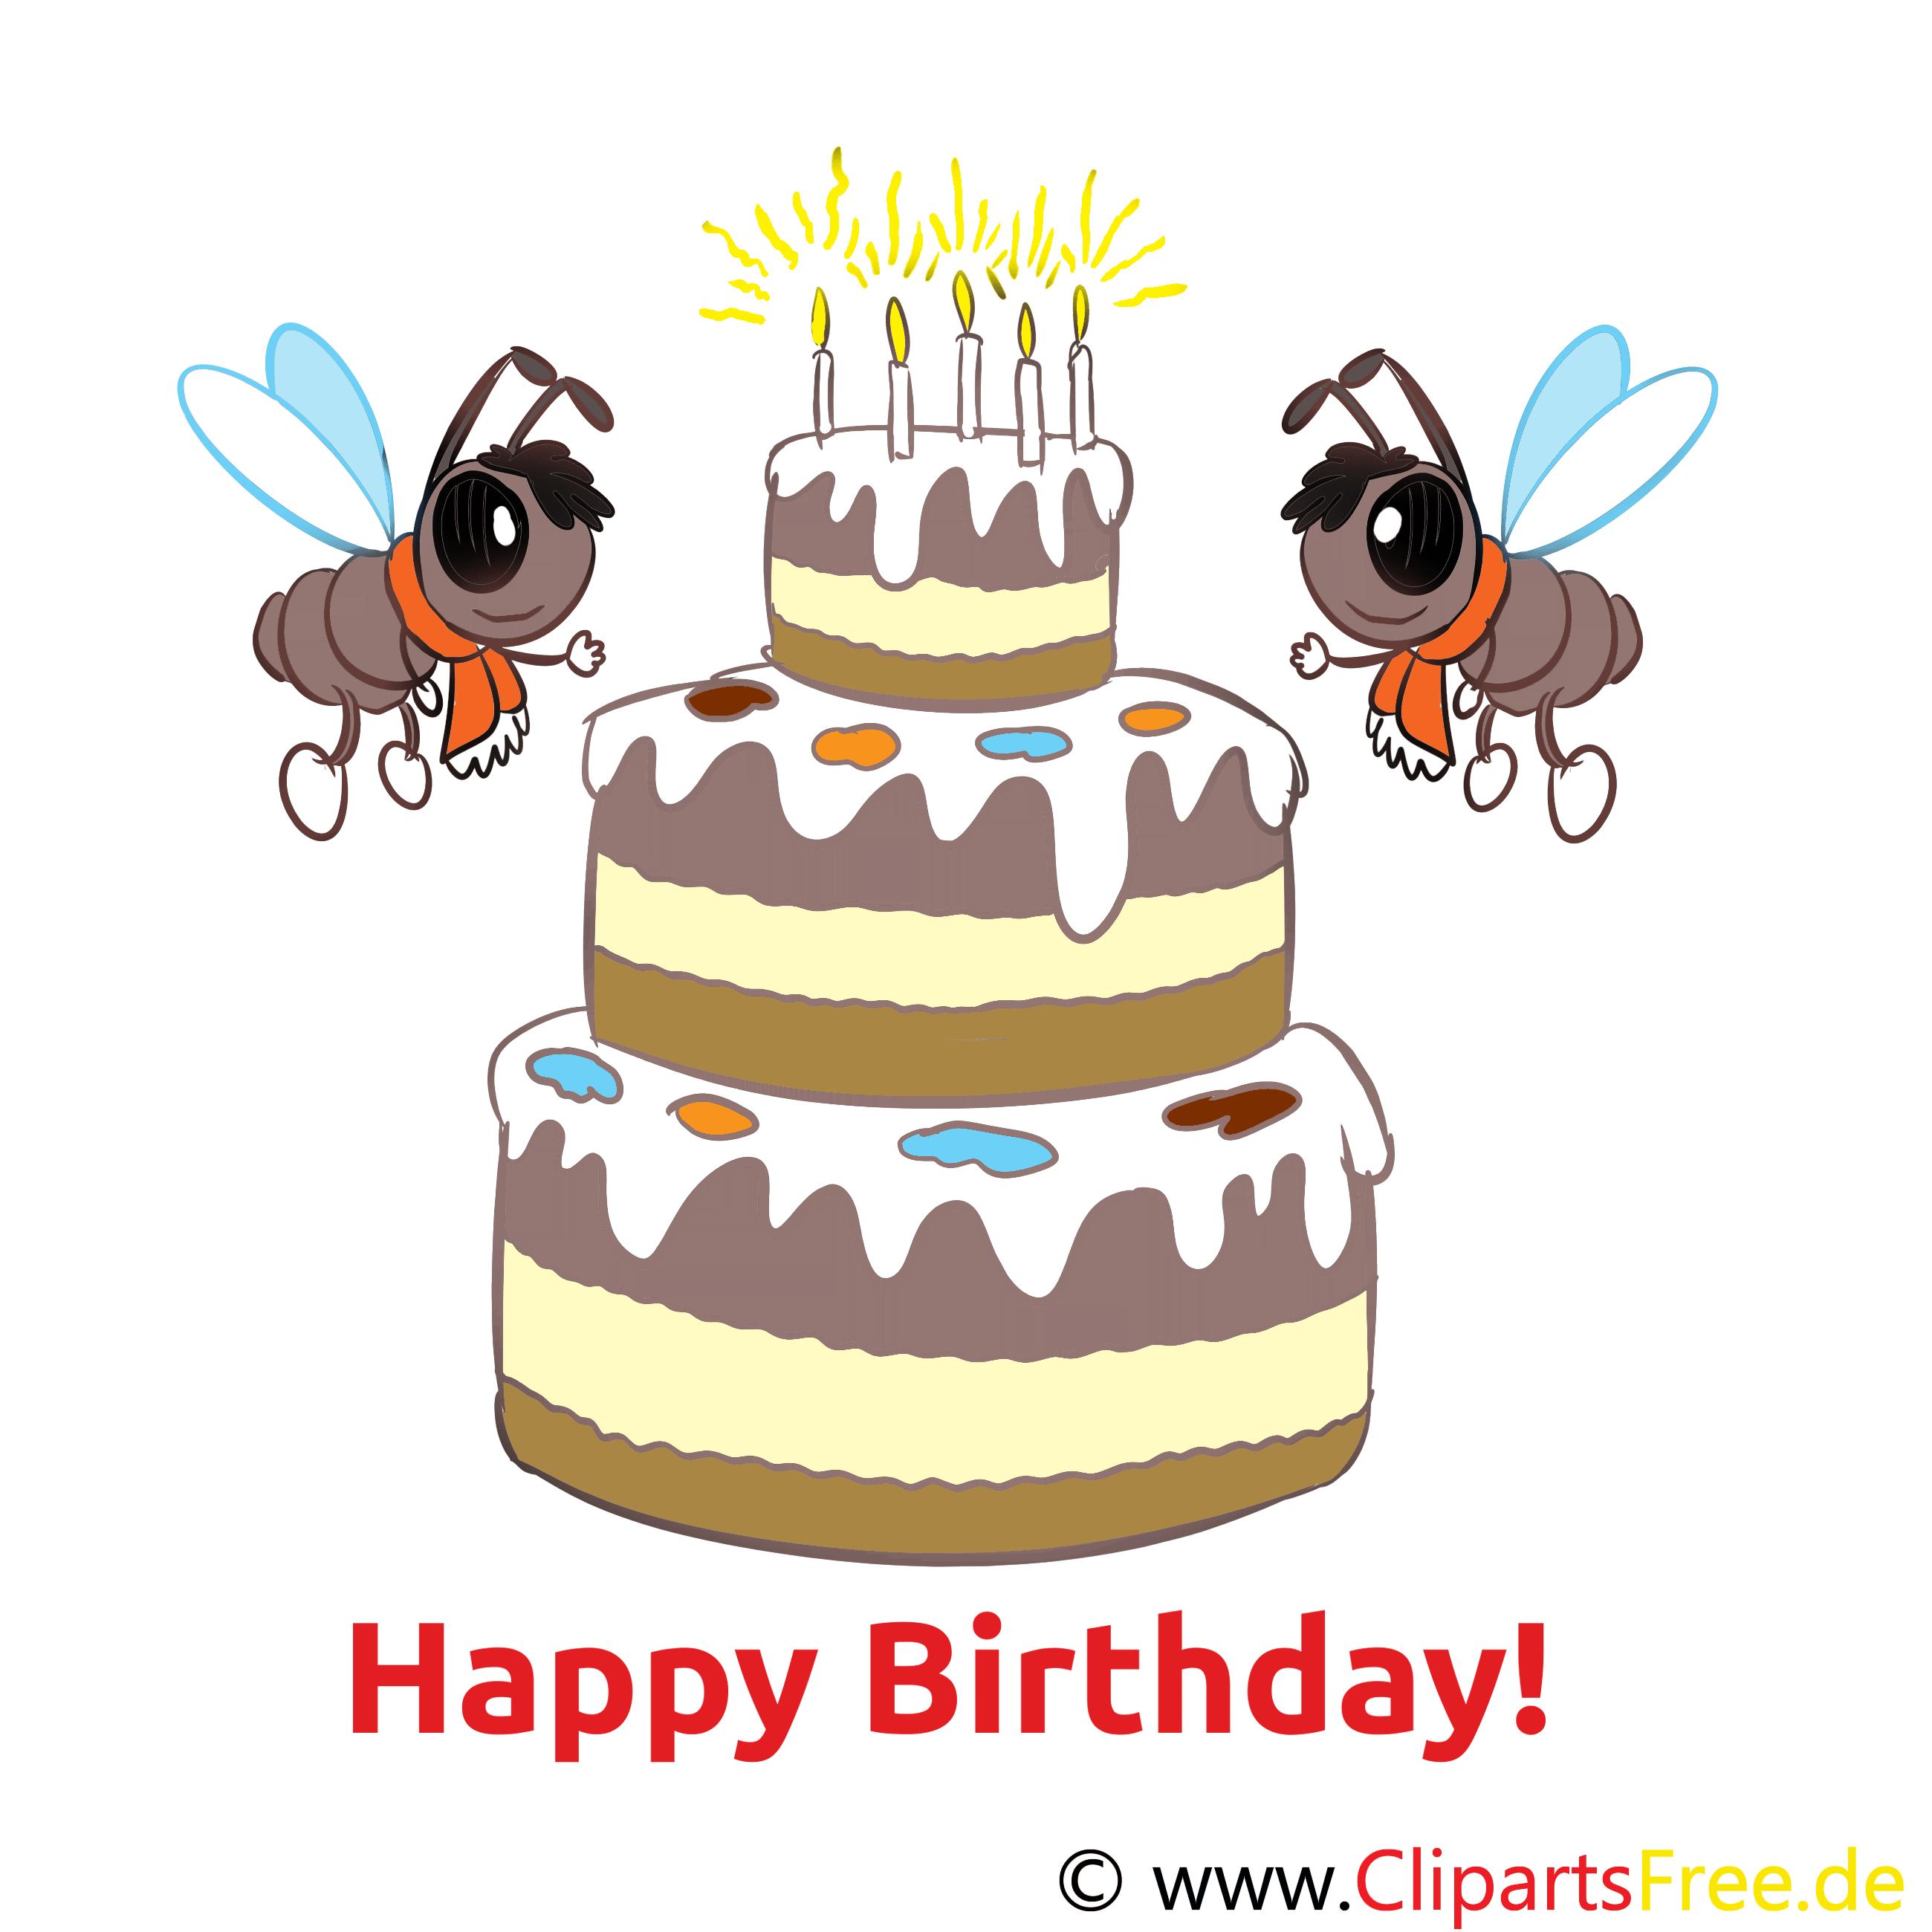 Happy Birthday ECard Gratis Zum Verschicken